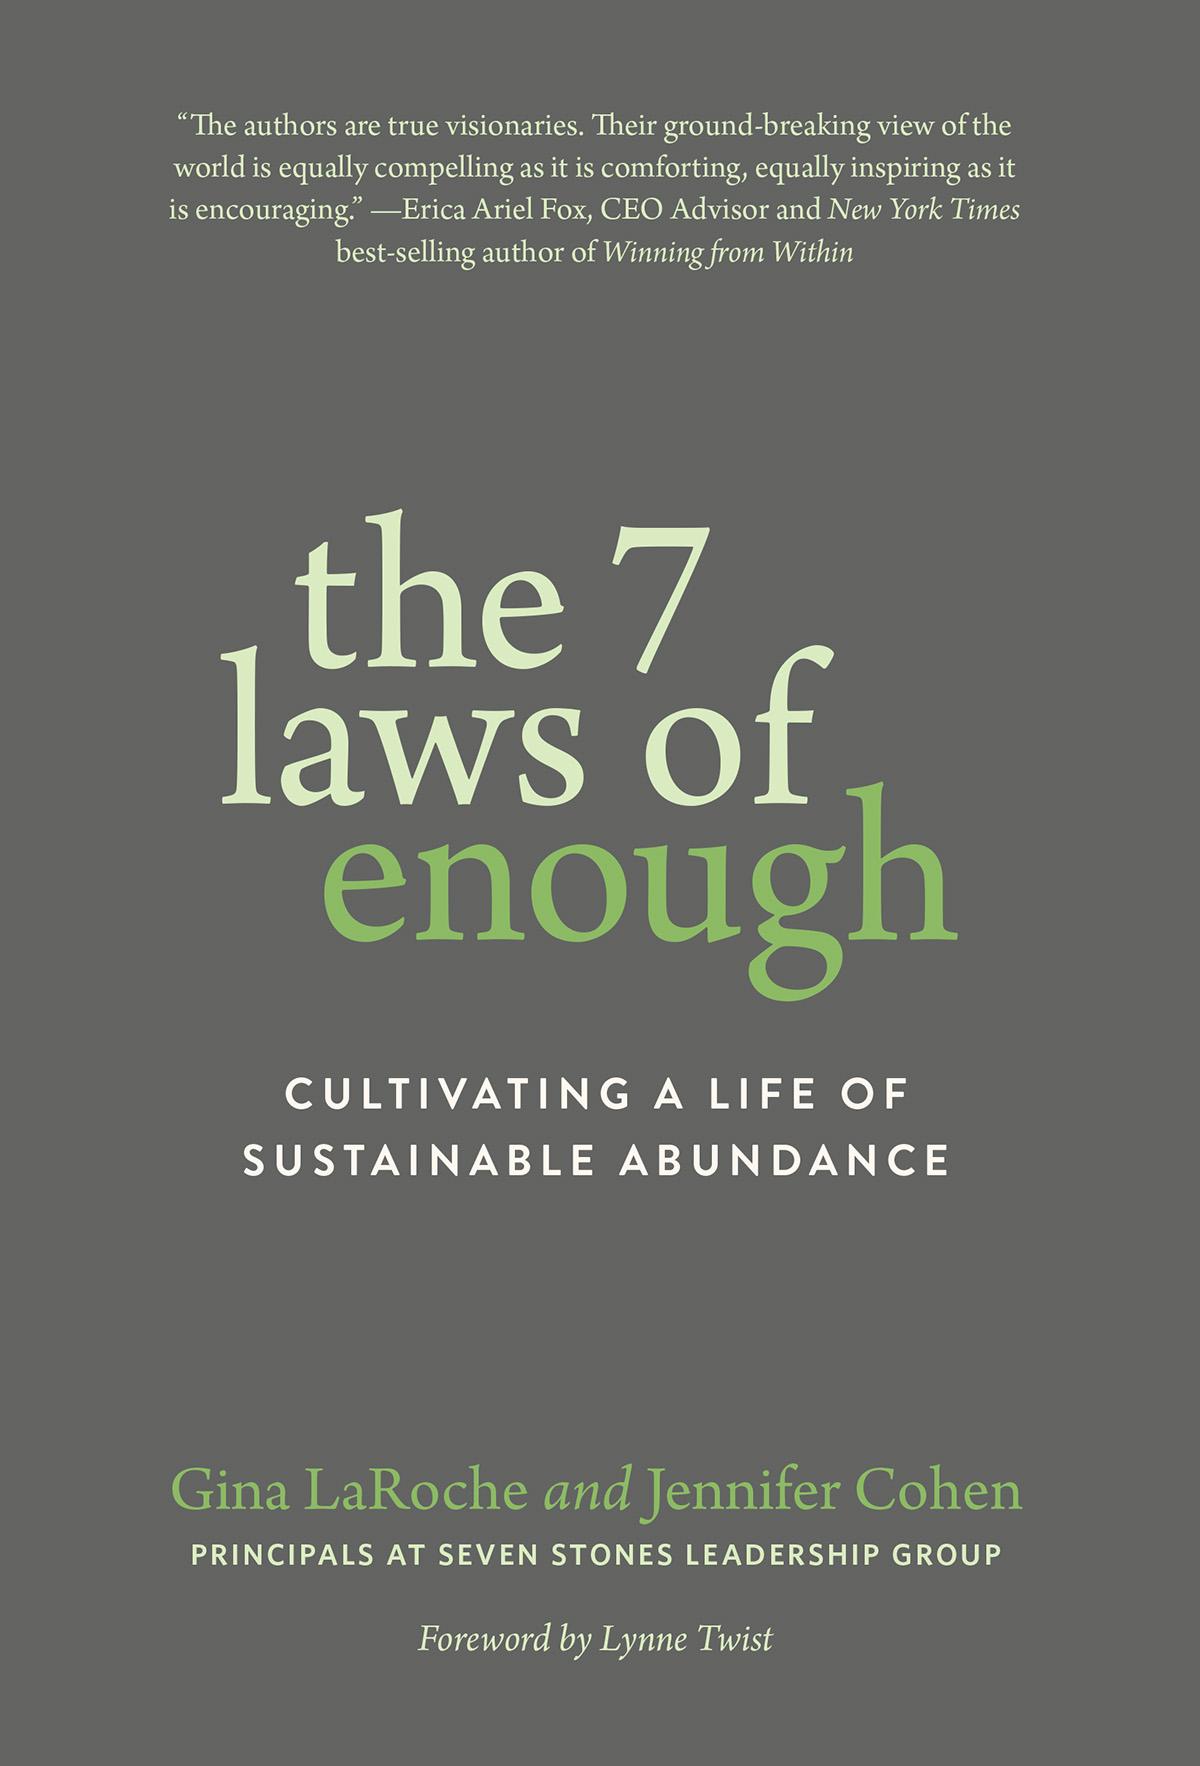 7 laws of enough, gina laroche, jennifer cohen